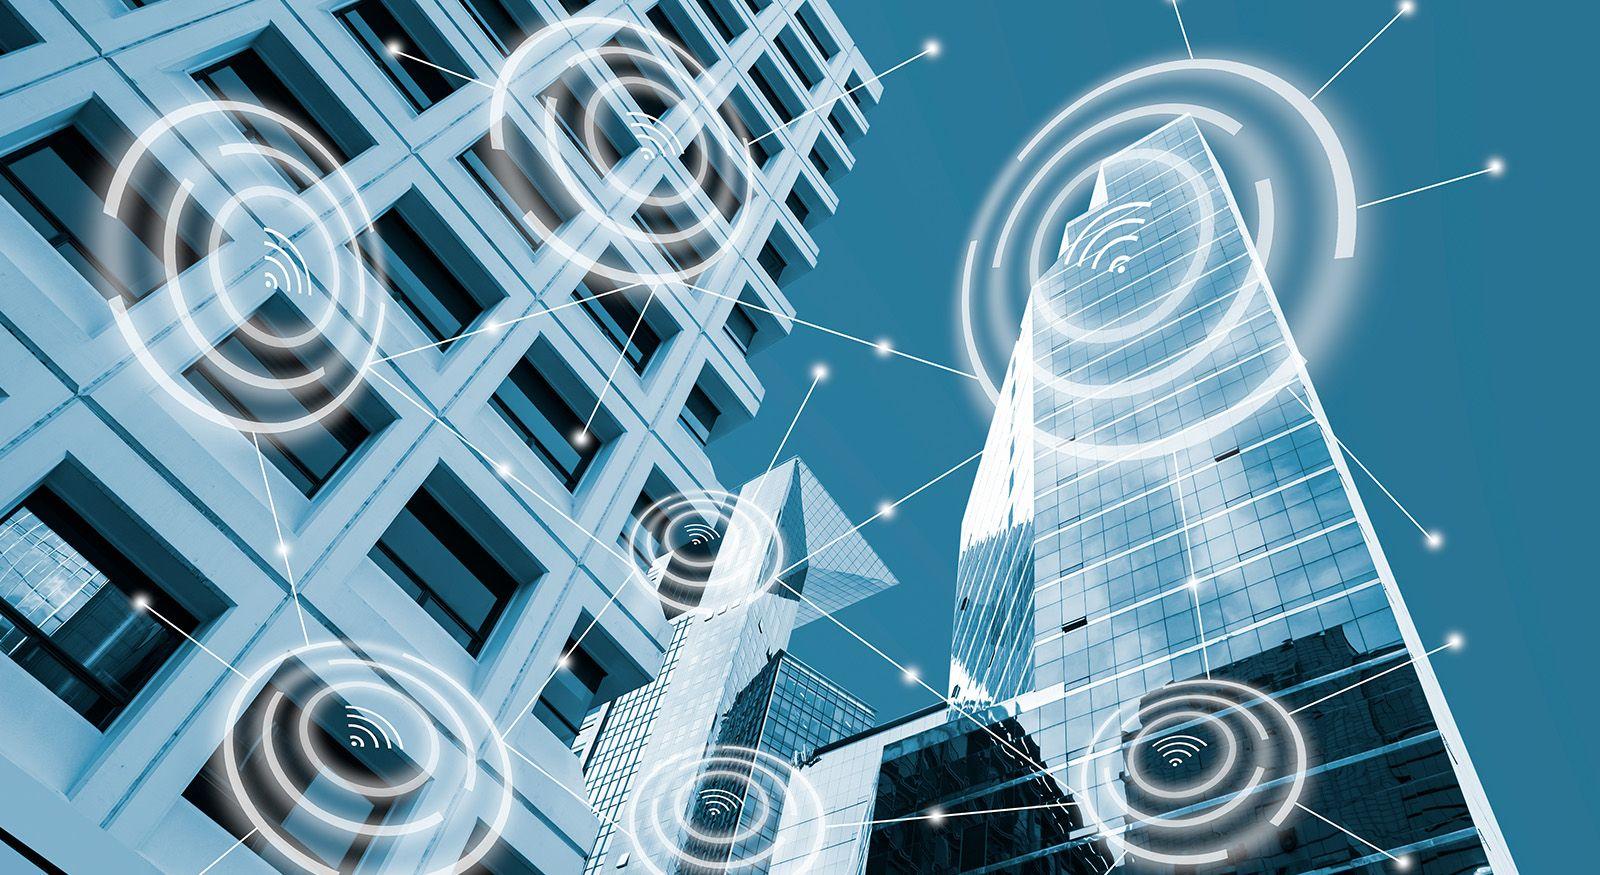 La salud y la seguridad, impulsores de inversión para el 76% de los SmartBuildings